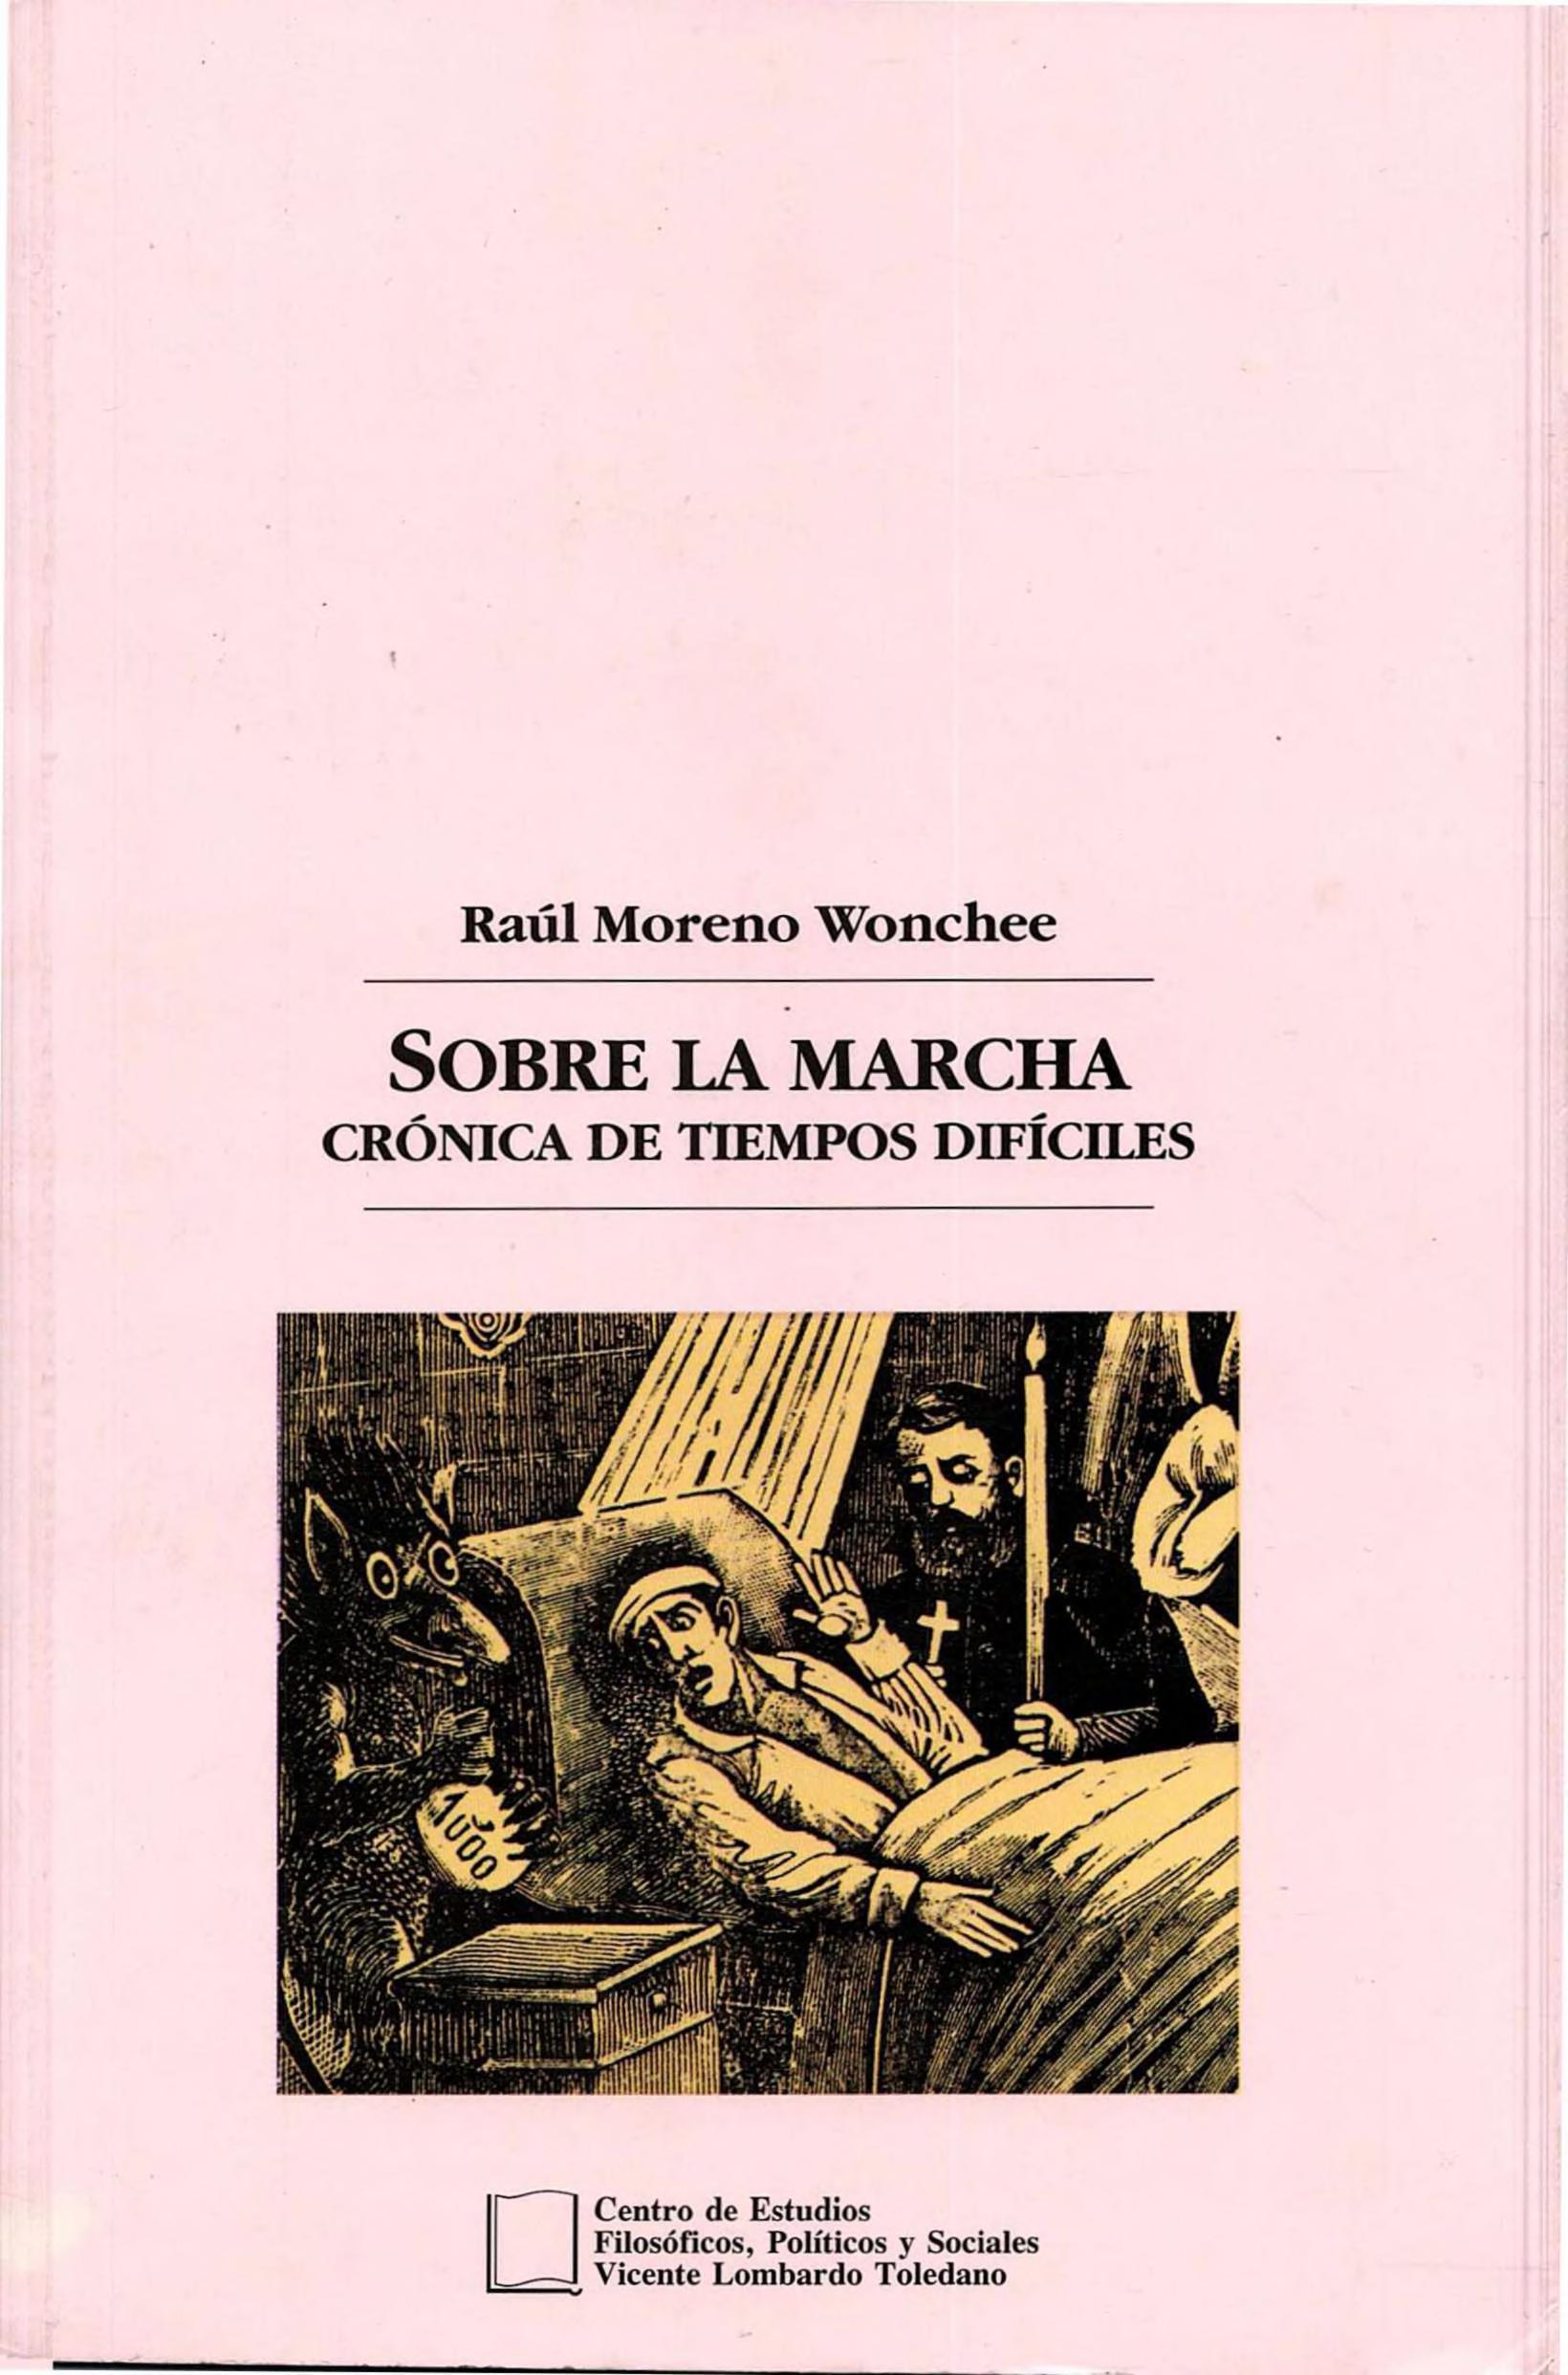 Portada del libro: SOBRE LA MARCHA: CRÓNICA DE TIEMPOS DIFÍCILES